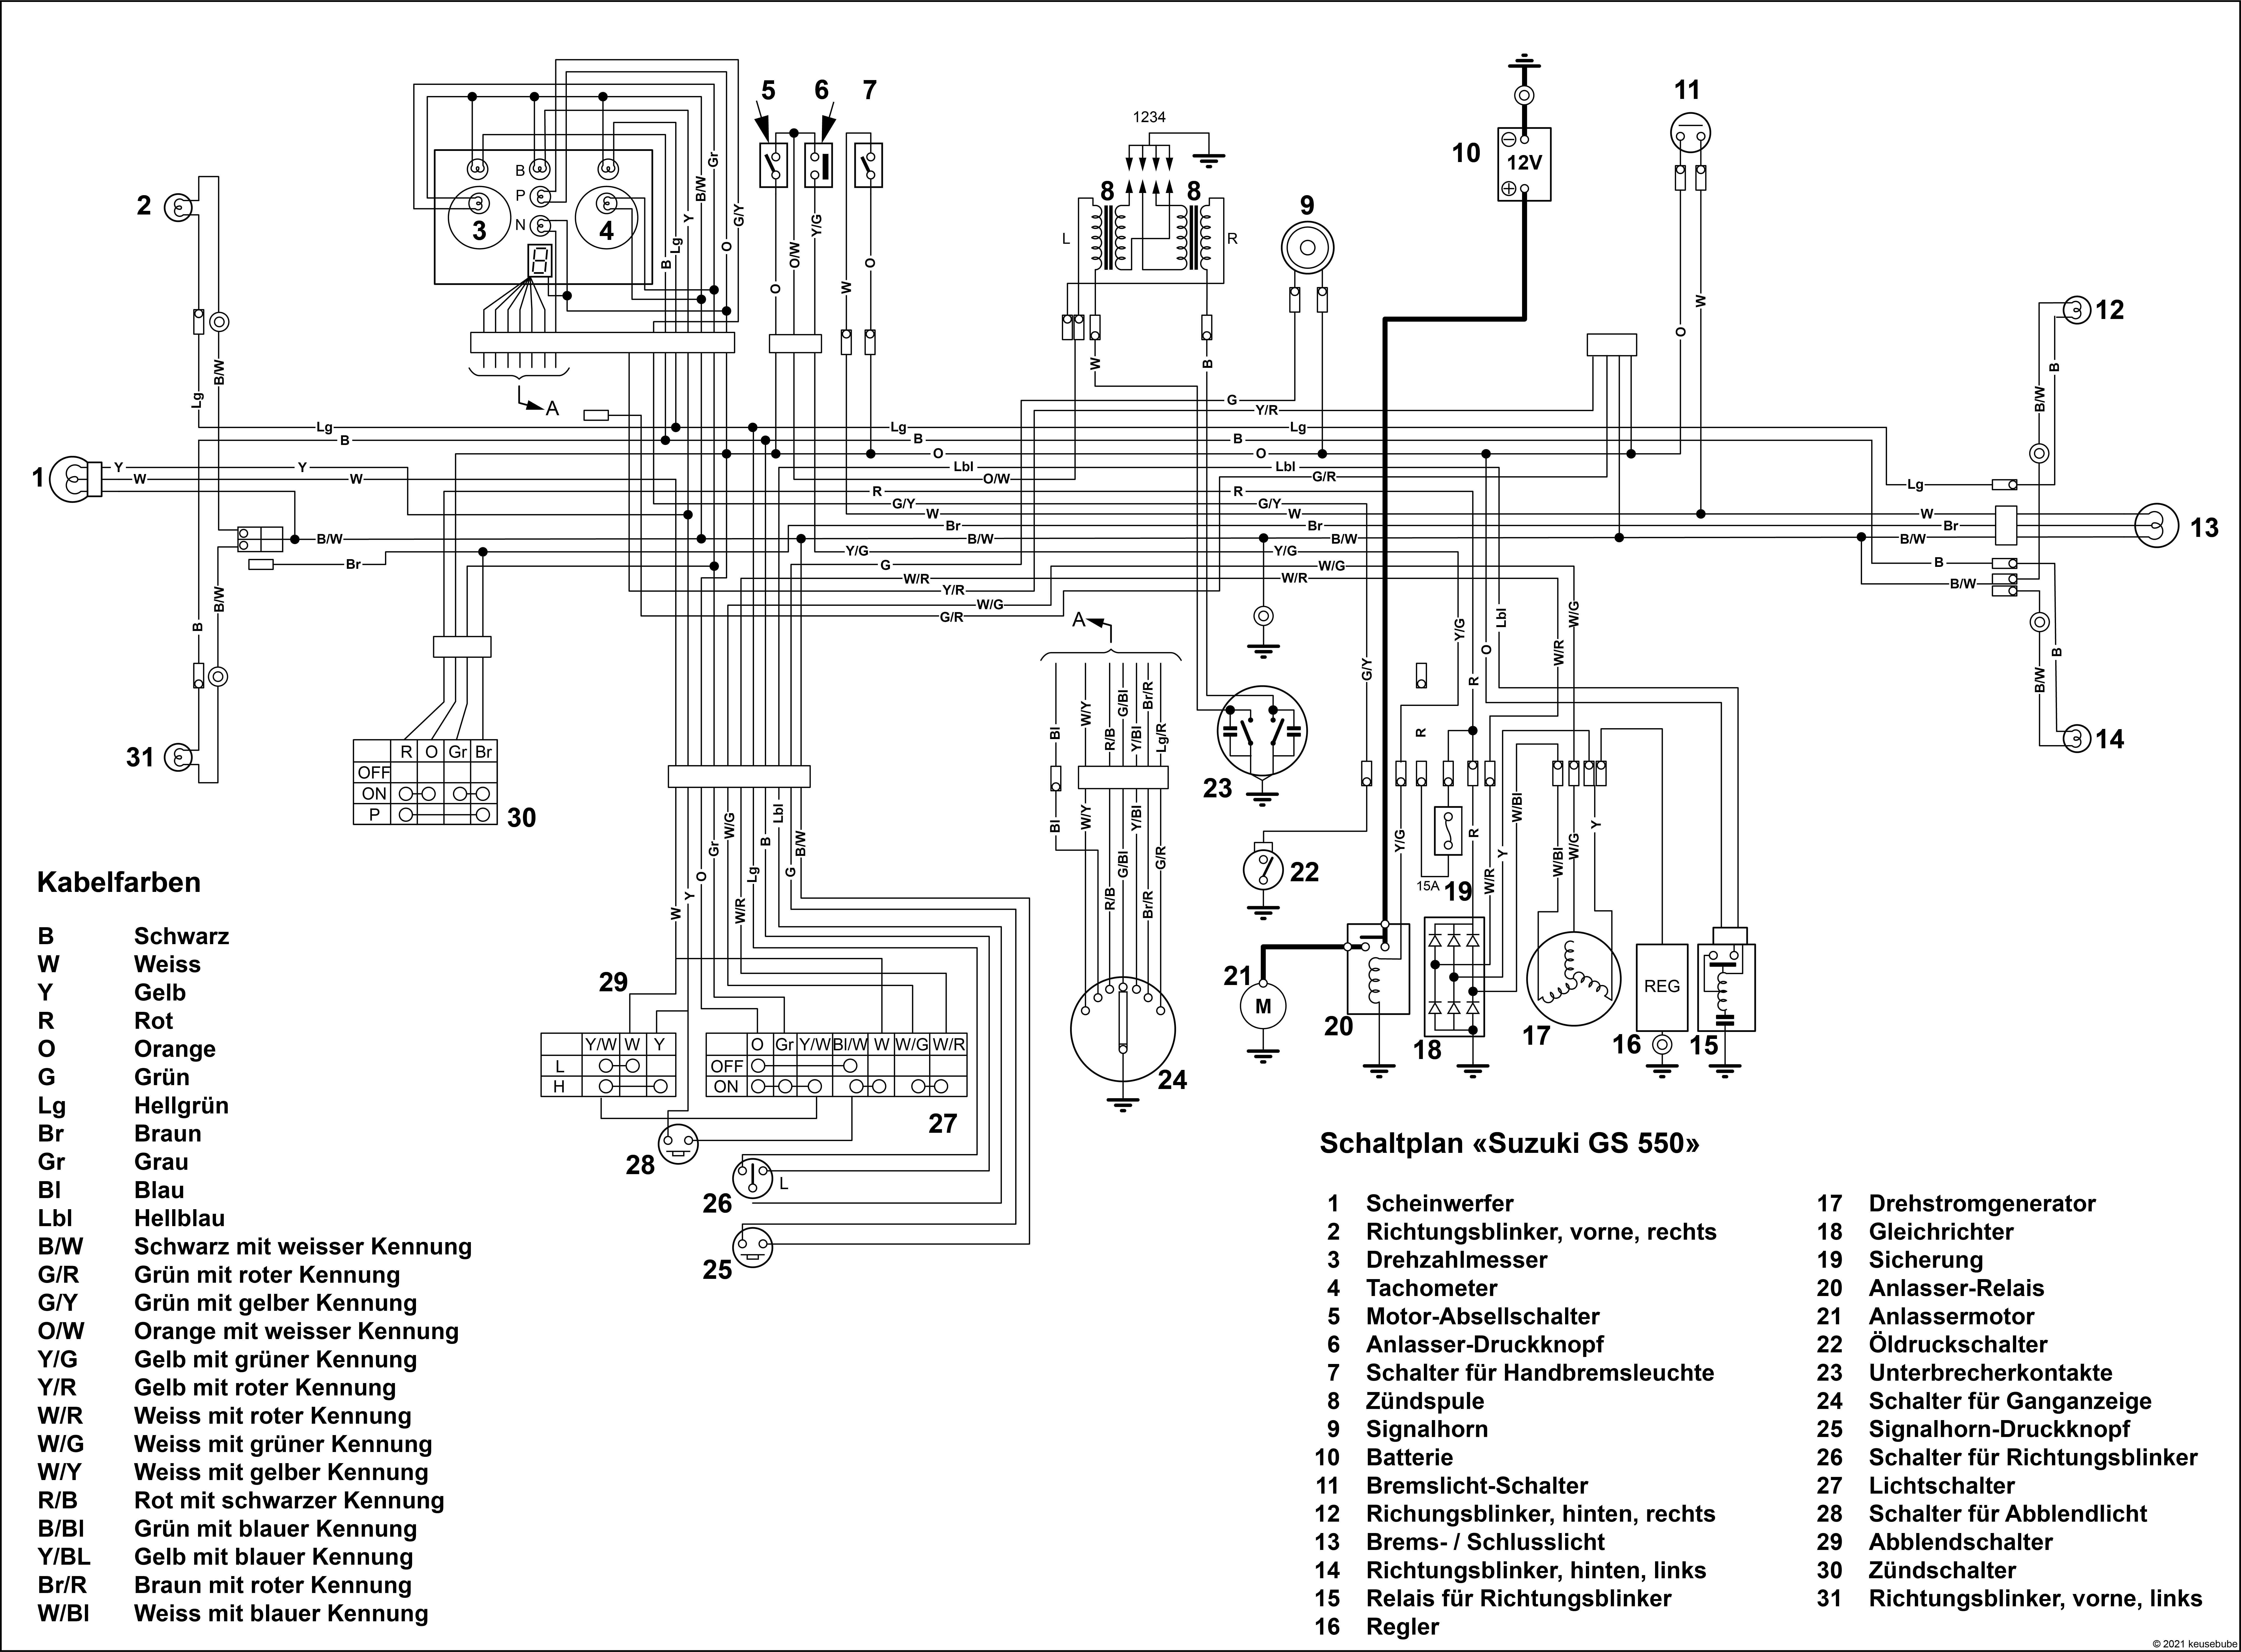 schaltplan_gs550?resize=665%2C492 1980 suzuki gs550 wiring diagram 1980 wiring diagrams collection 1985 Chevy Truck Wiring Diagram at nearapp.co